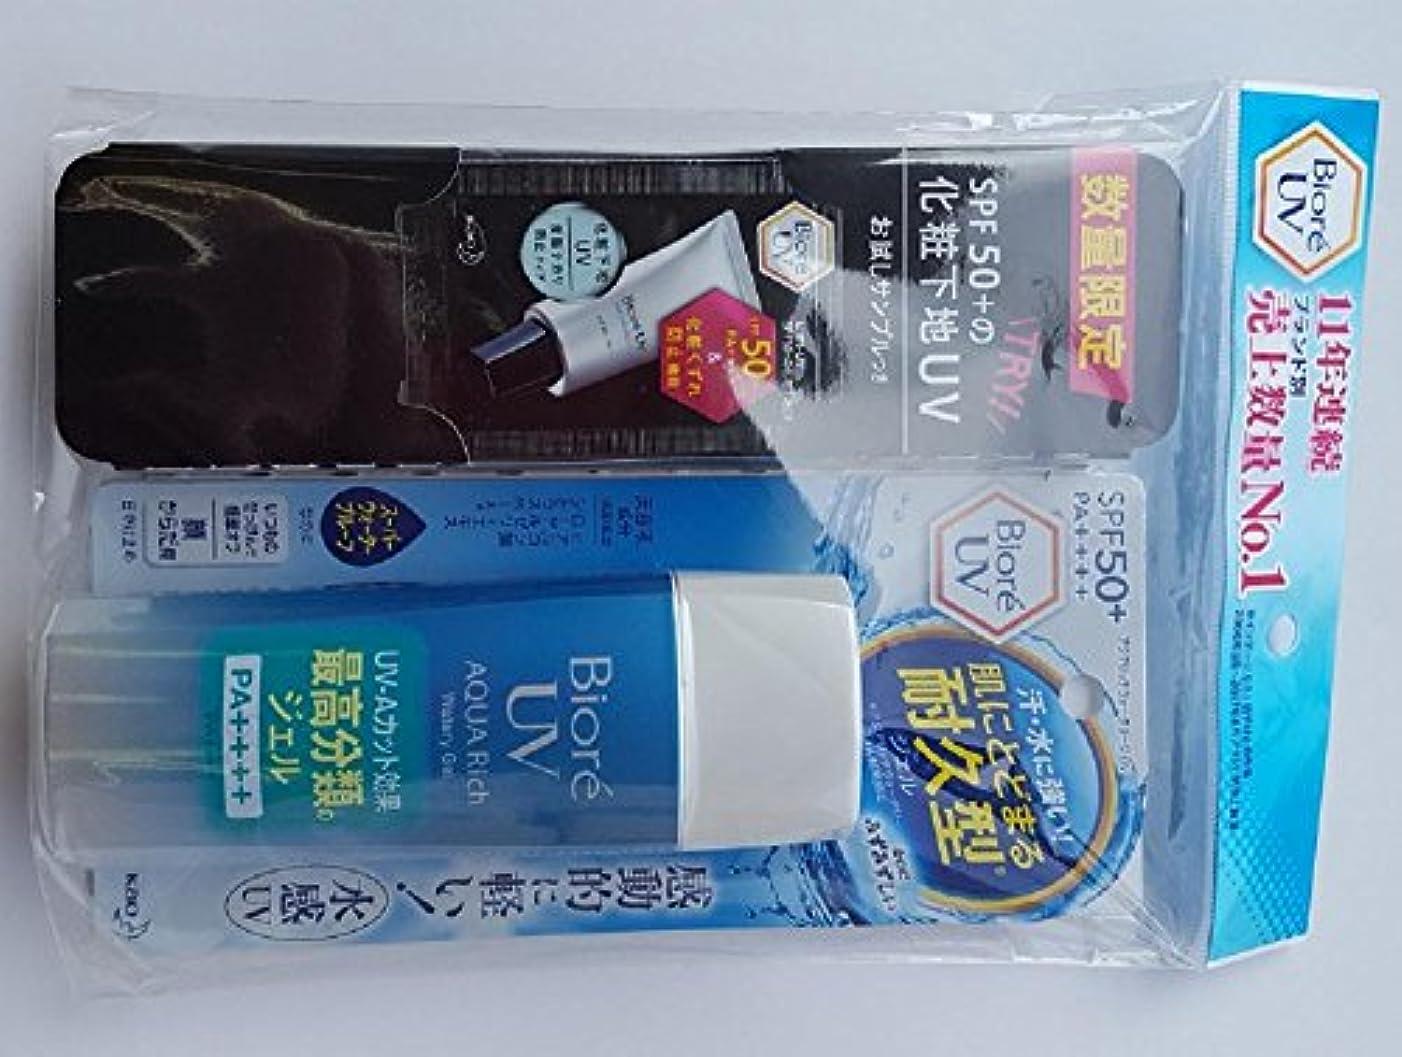 火山学動物園必要ビオレ UV アクアリッチ ウォータリージェル SPF50+/PA++++ 90ml+ビオレ UV 化粧下地UV 皮脂テカリ防止(試供品)1回分付き